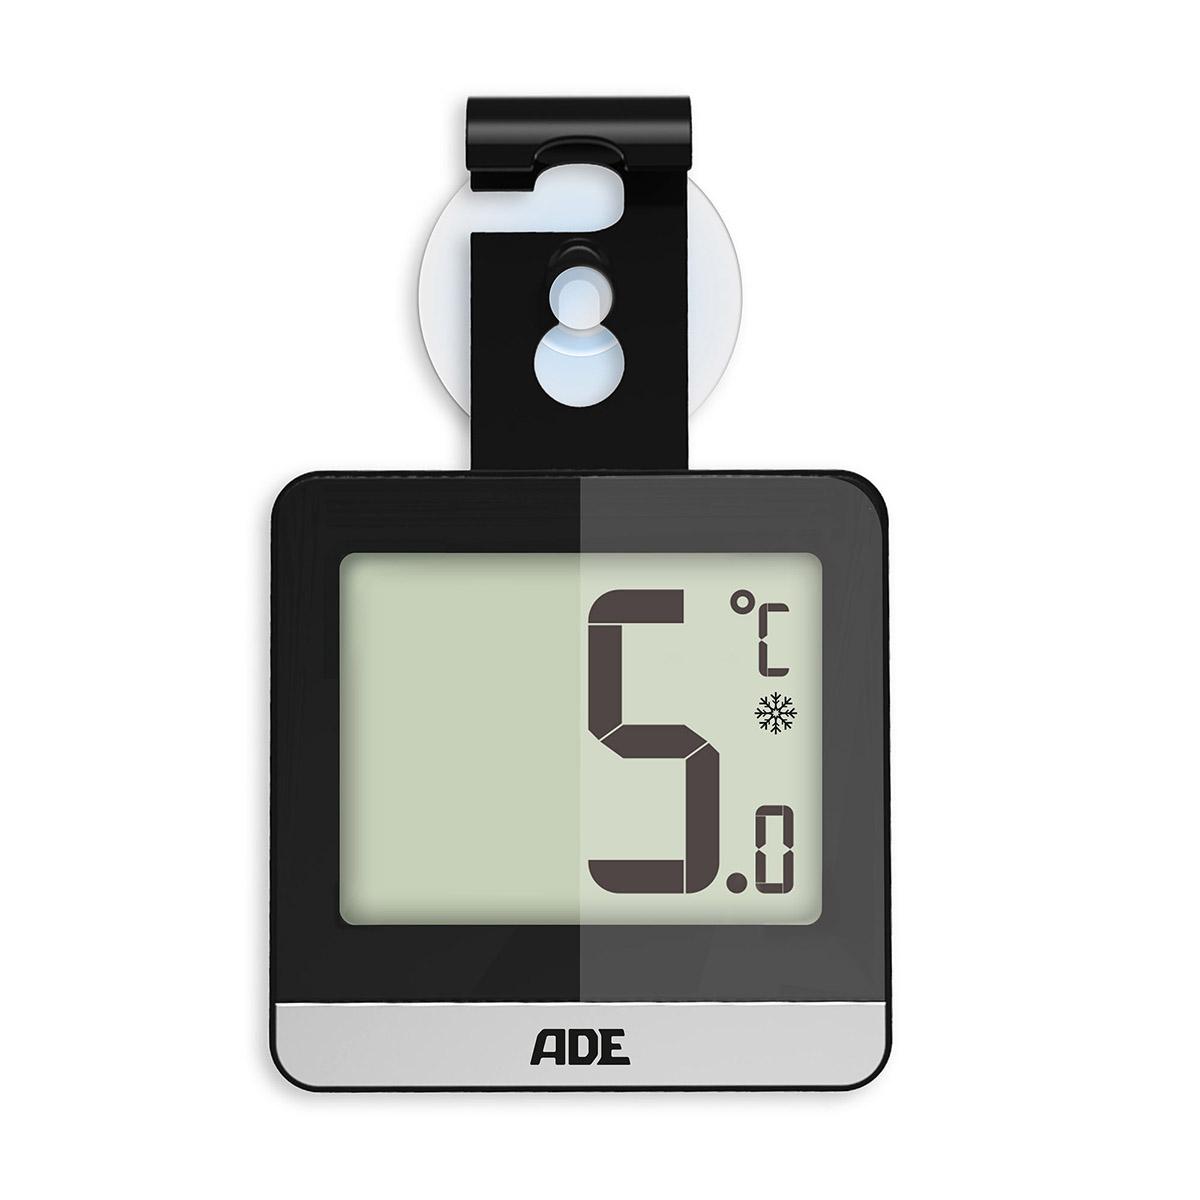 termometr do lodówki i zamrażalnika, 6 x 10 x 1,5 cm